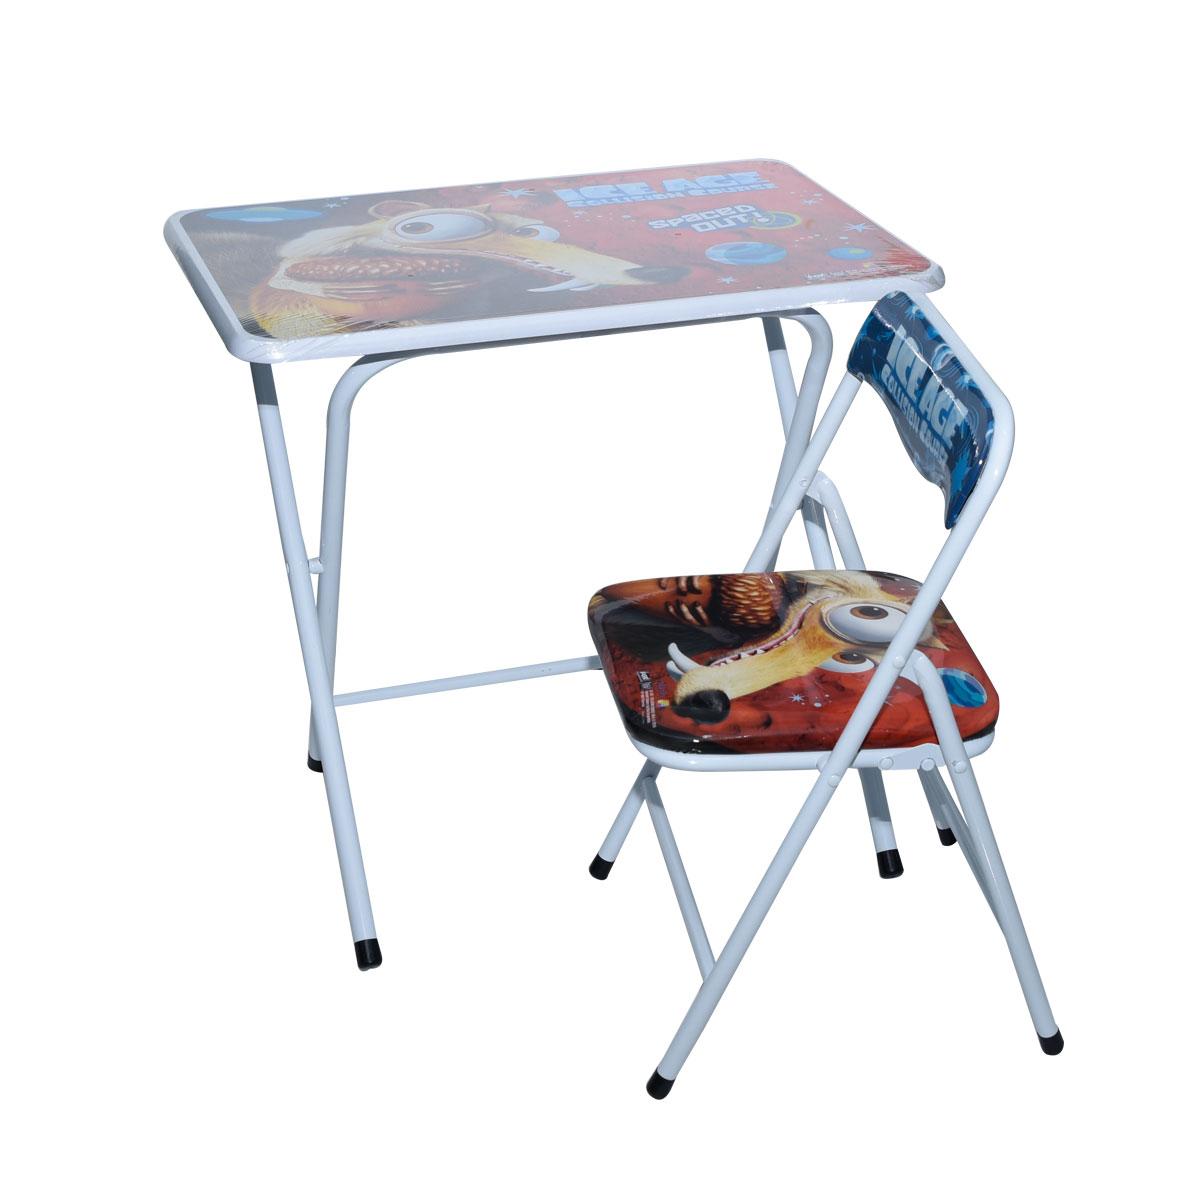 طاولة اطفال مدرسية ICE AGEخشب بقواعد من الحديد + كرسي